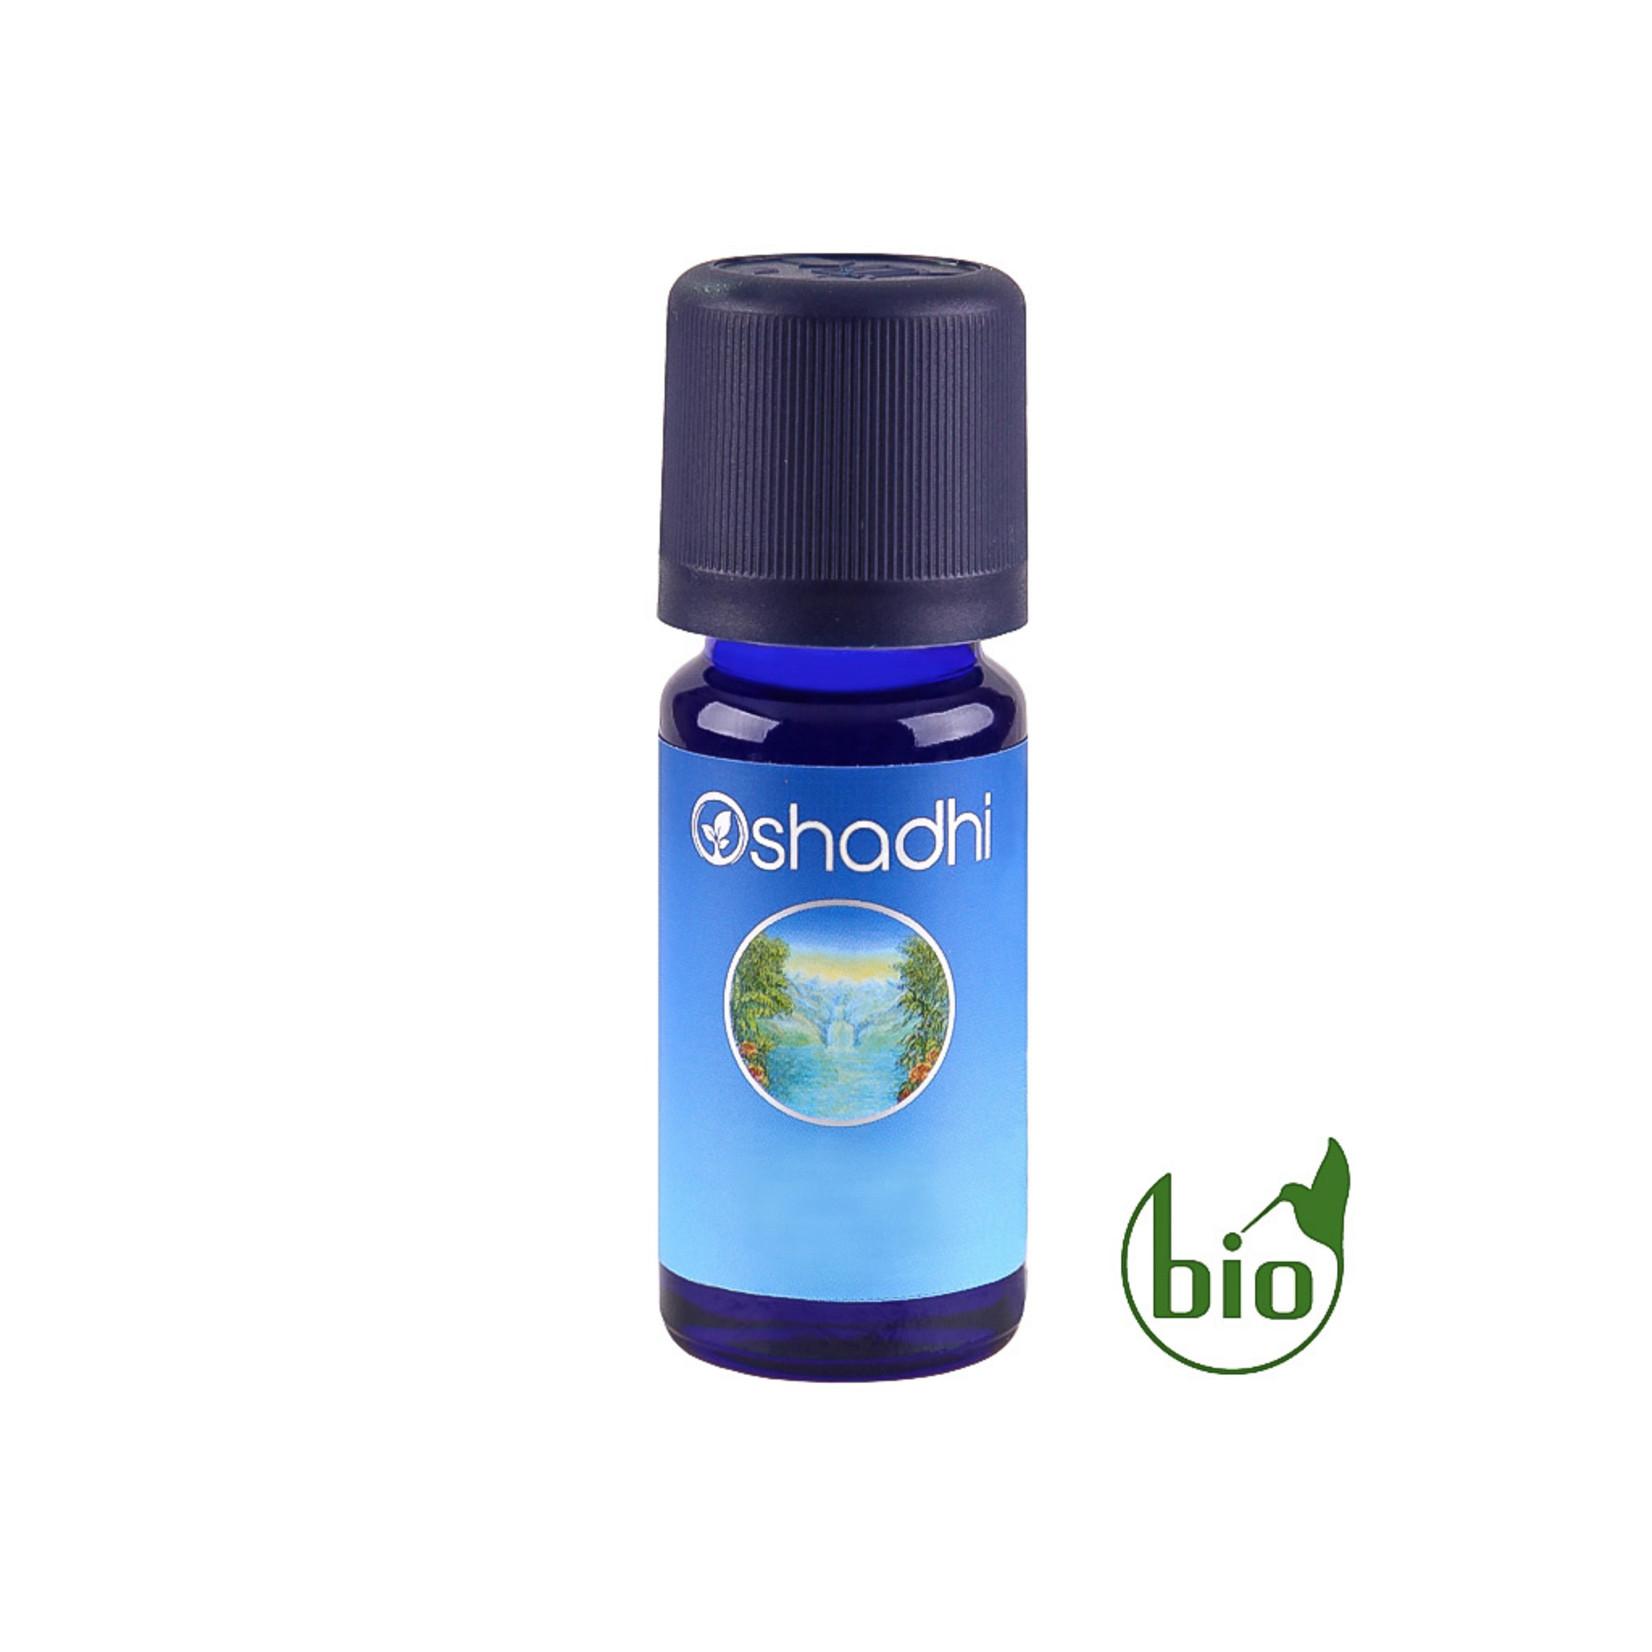 Oshadhi Niaouli BIO essentiële olie Oshadhi - kalmerend en verhelderend - 10ml